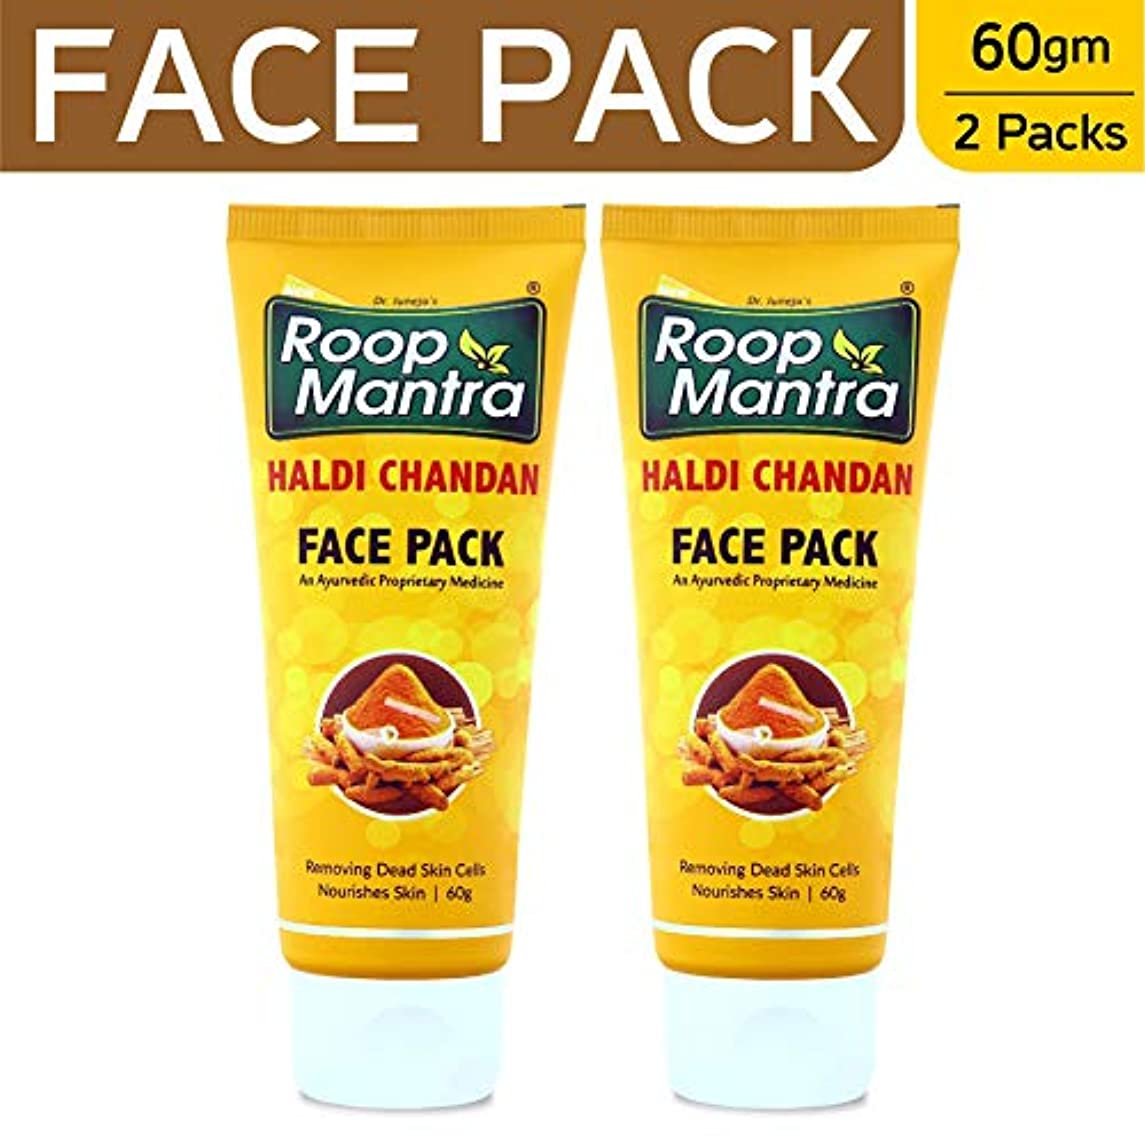 劇場防止氏Roop Mantra Haldi Chandan Face Pack, 60g (Pack of 2)